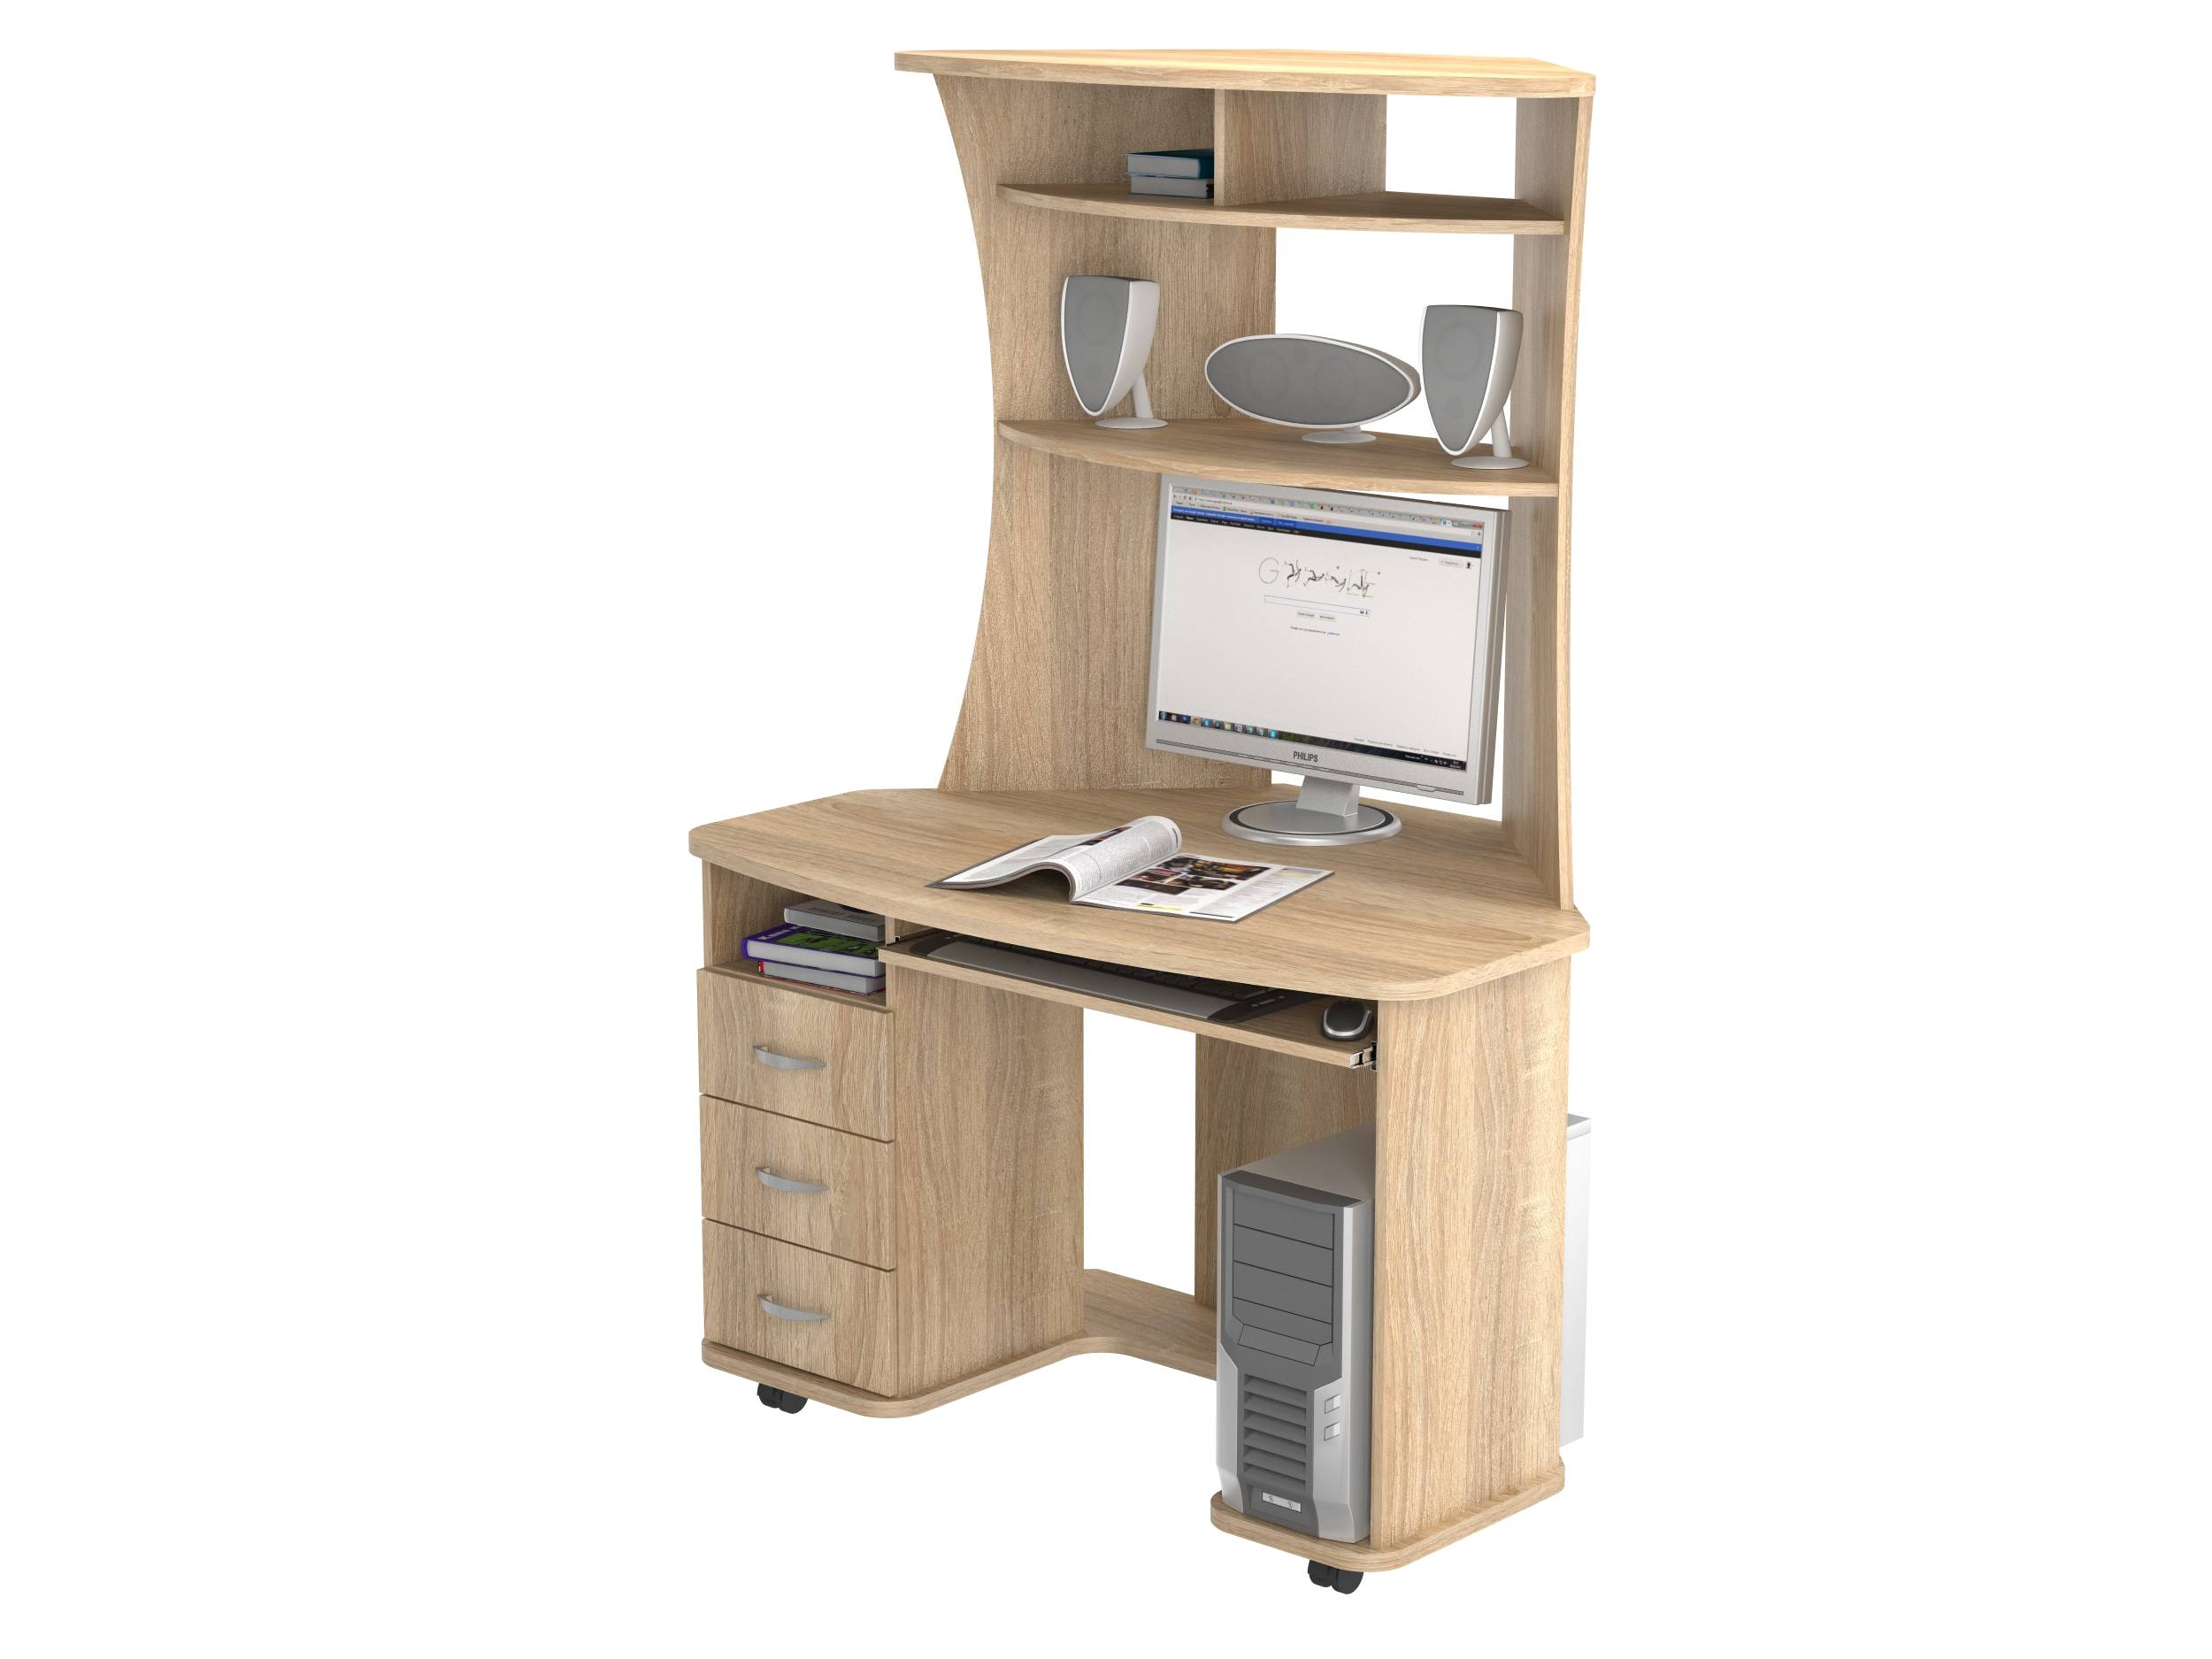 Угловой компьютерный стол кс 20-26 - угловой компьютерный ст.